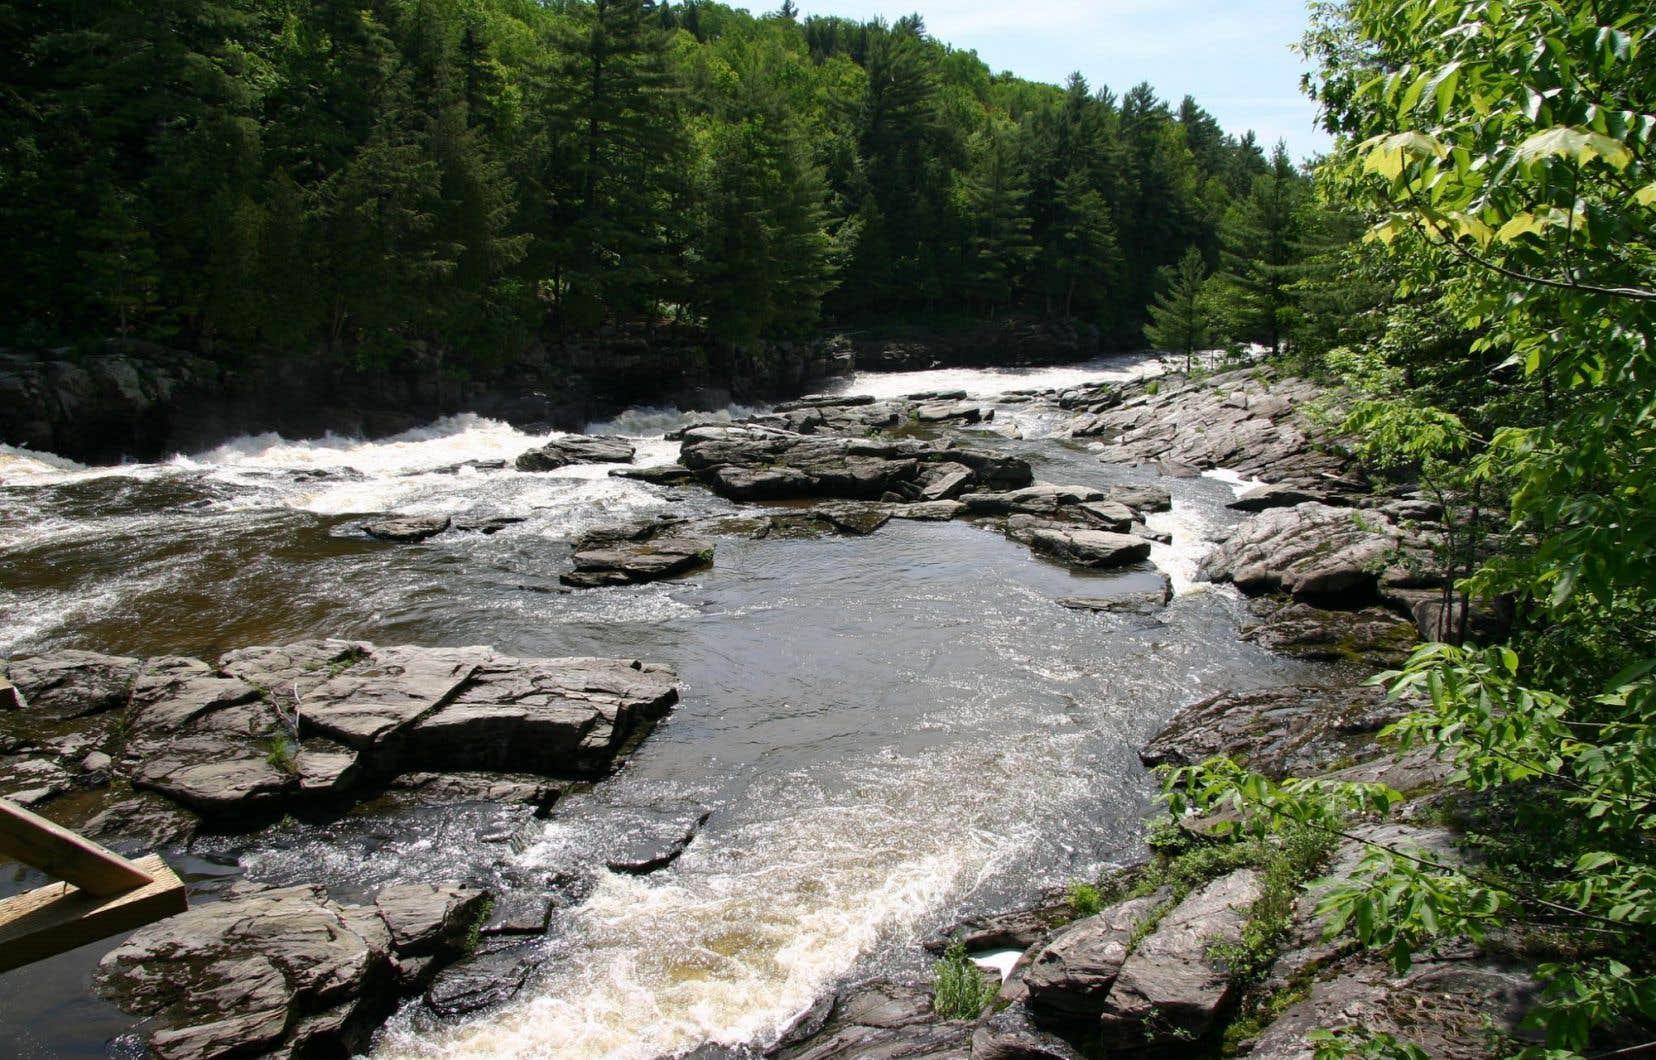 Parmi les études environnementales toujours manquantes, on retrouve celle portant sur les risques associés aux traverses de cours d'eau par des pipelines.<br />